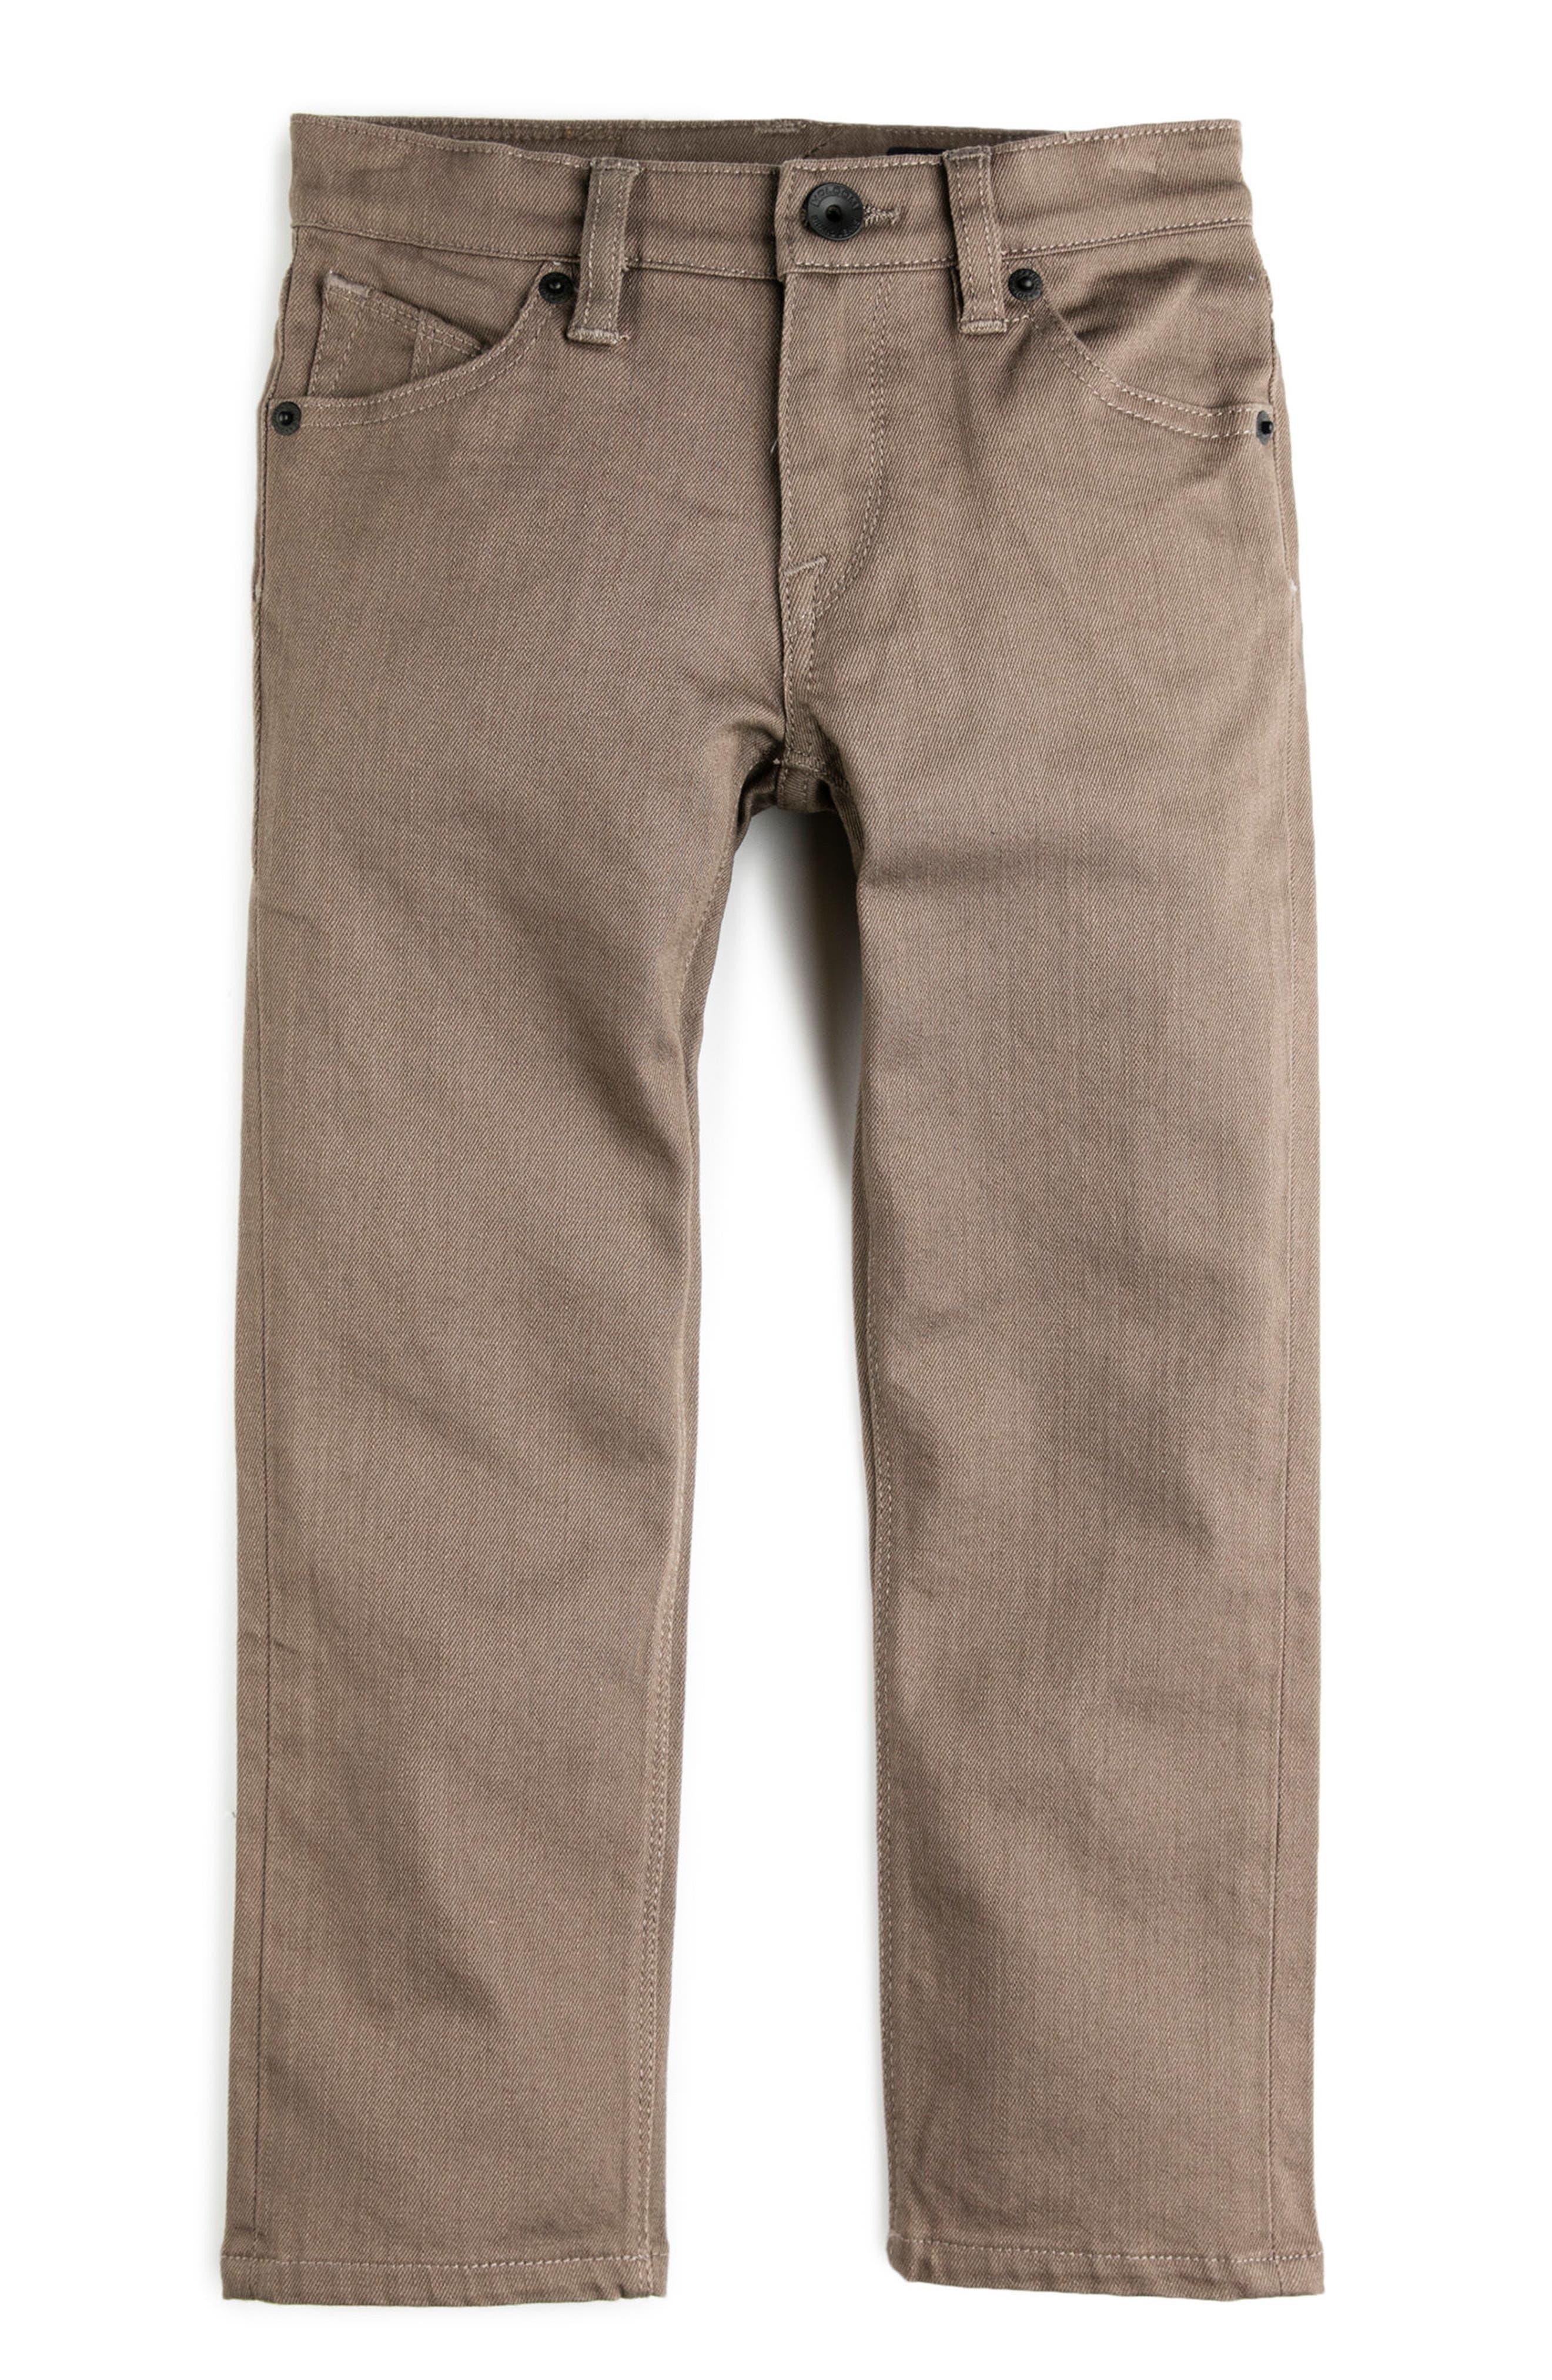 Vorta Slubbed Jeans,                             Main thumbnail 1, color,                             250